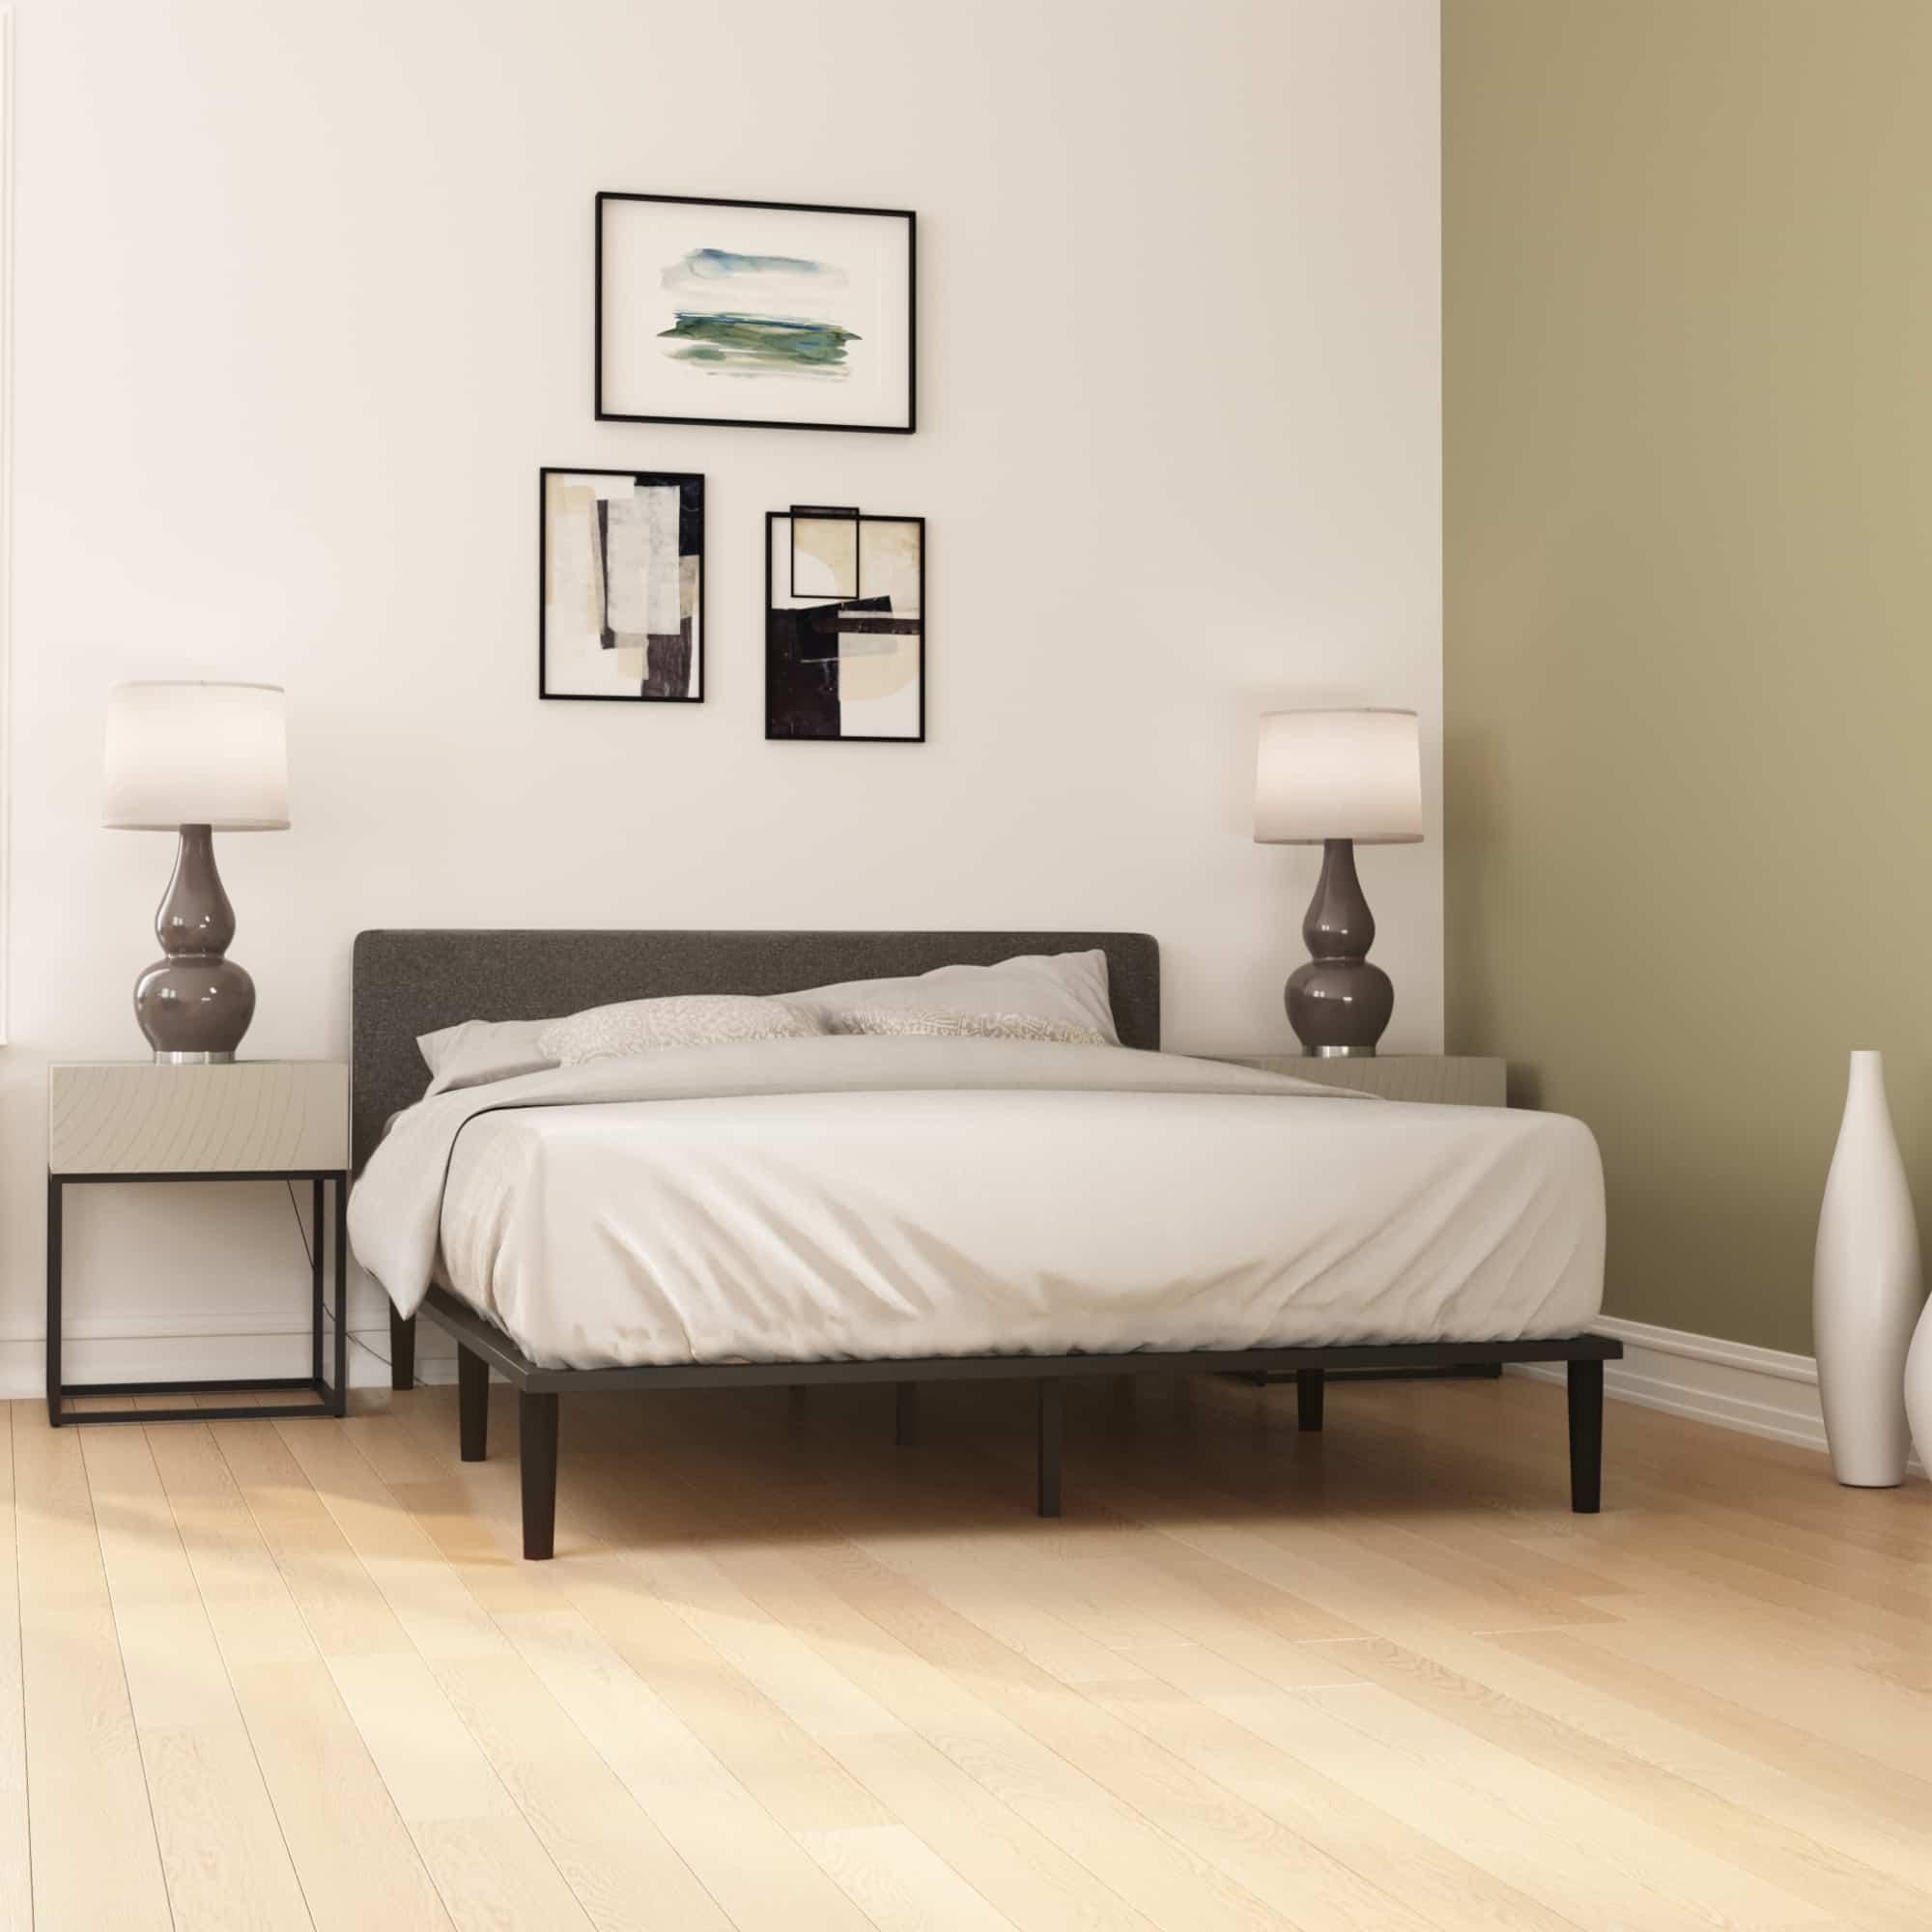 Parker Customizable Platform Bed Frame